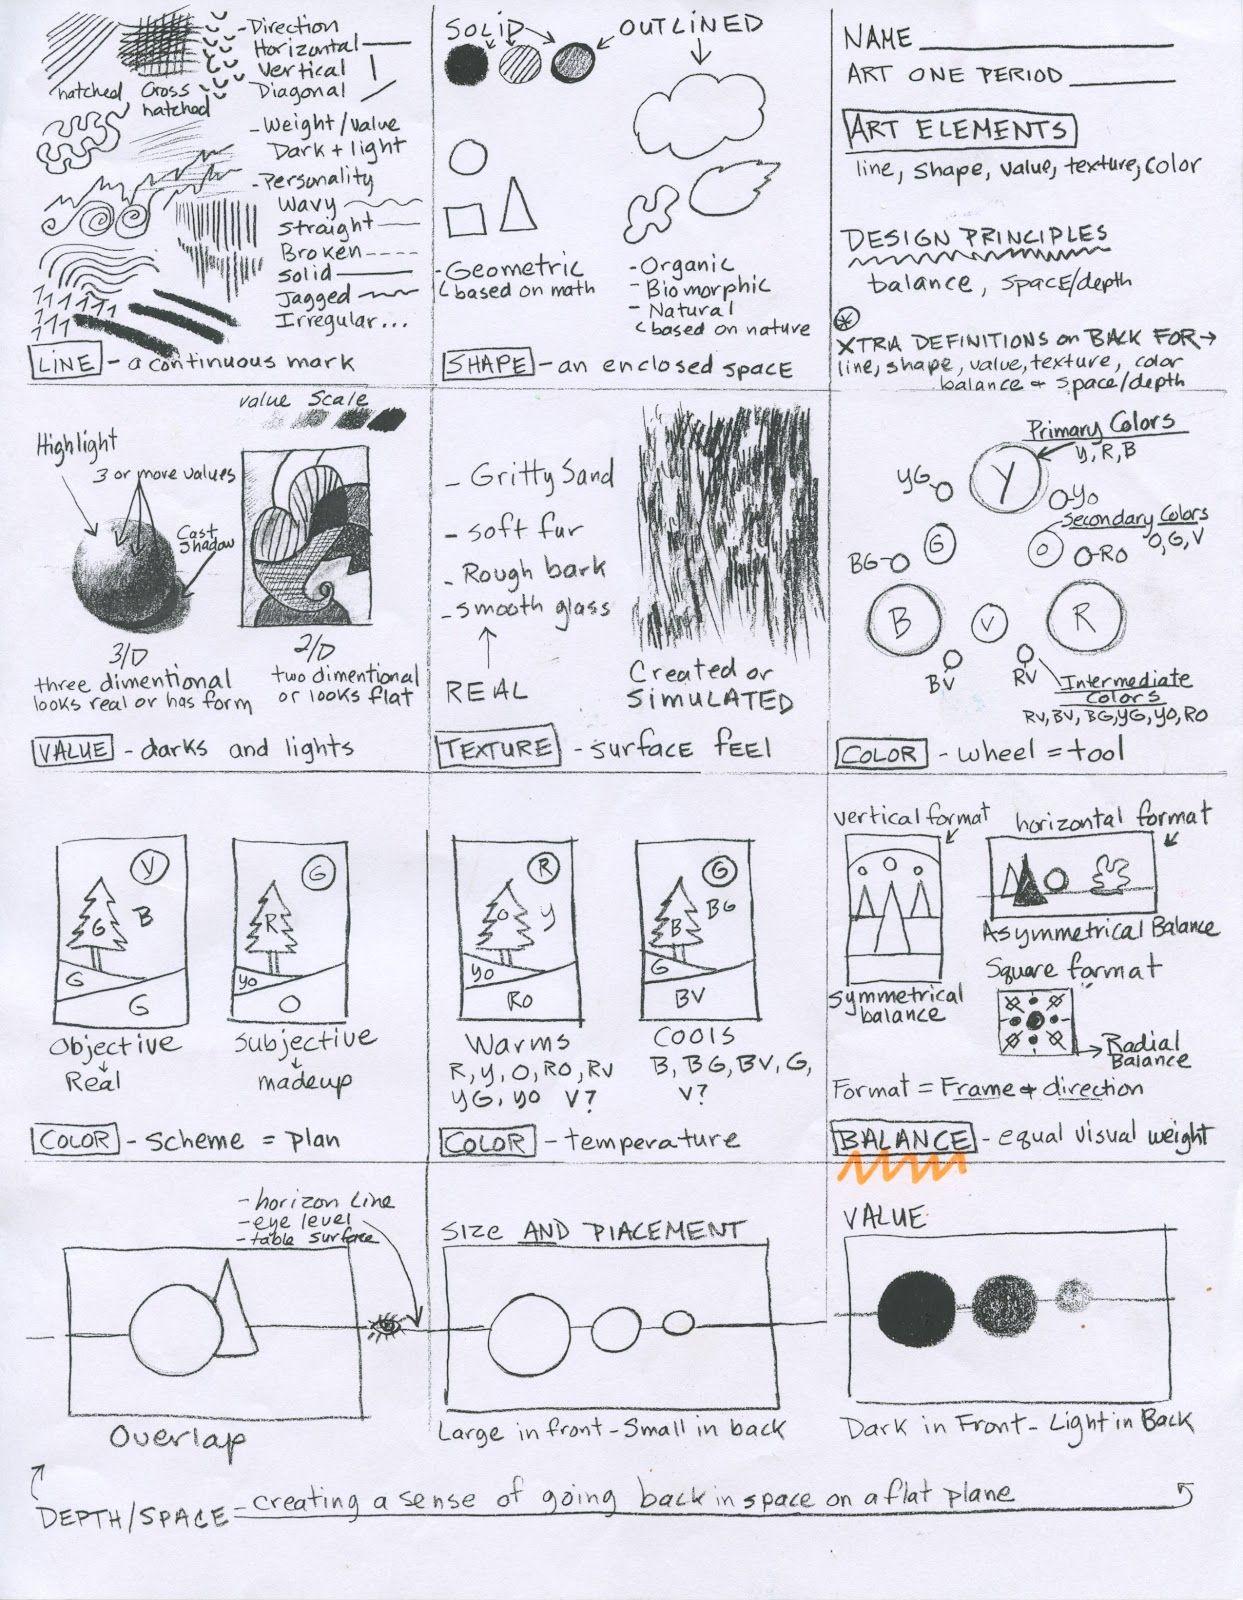 Colored Pencil Project Descriptions Focus On Composition